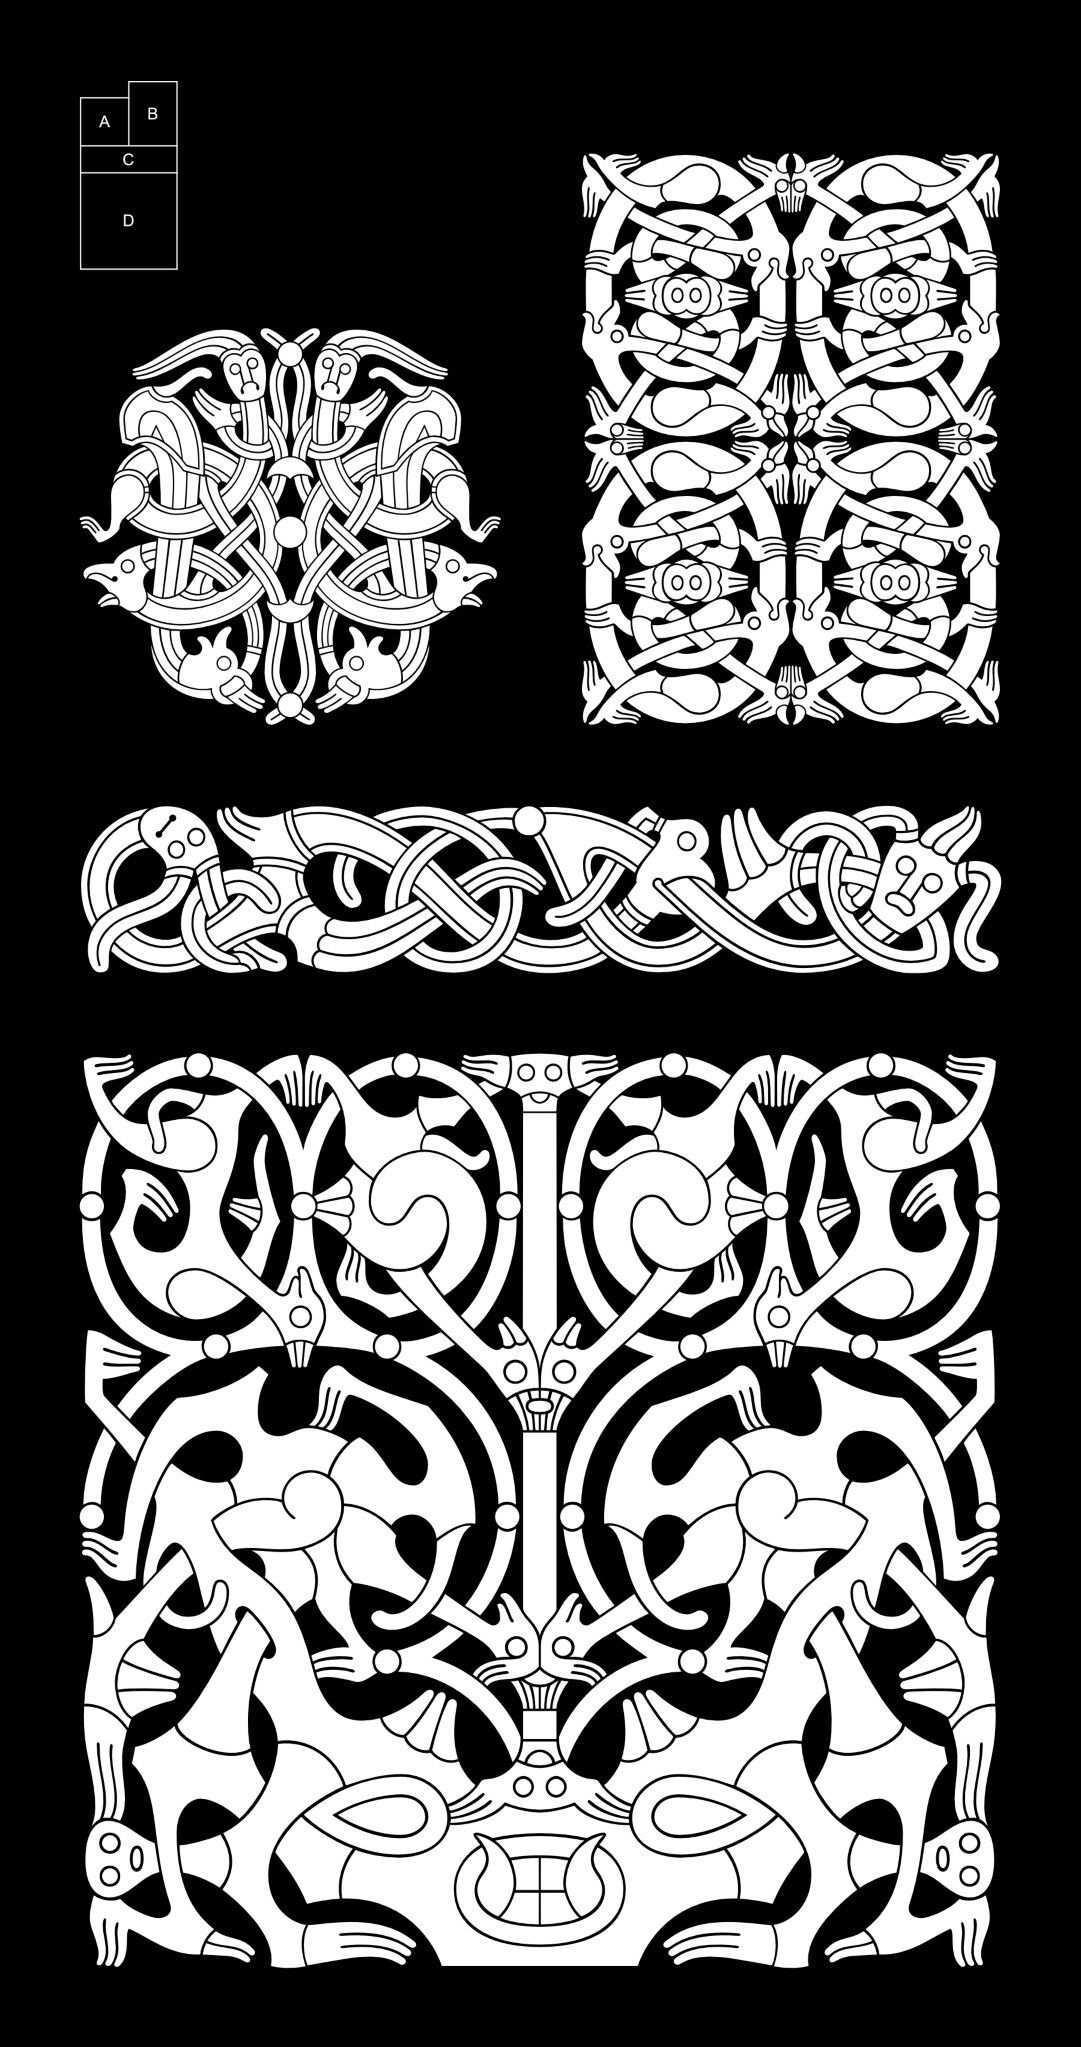 Anatomy Of Viking Art Oseberg Style 800 875 Dessin Viking Celtique Mythologie Nordique